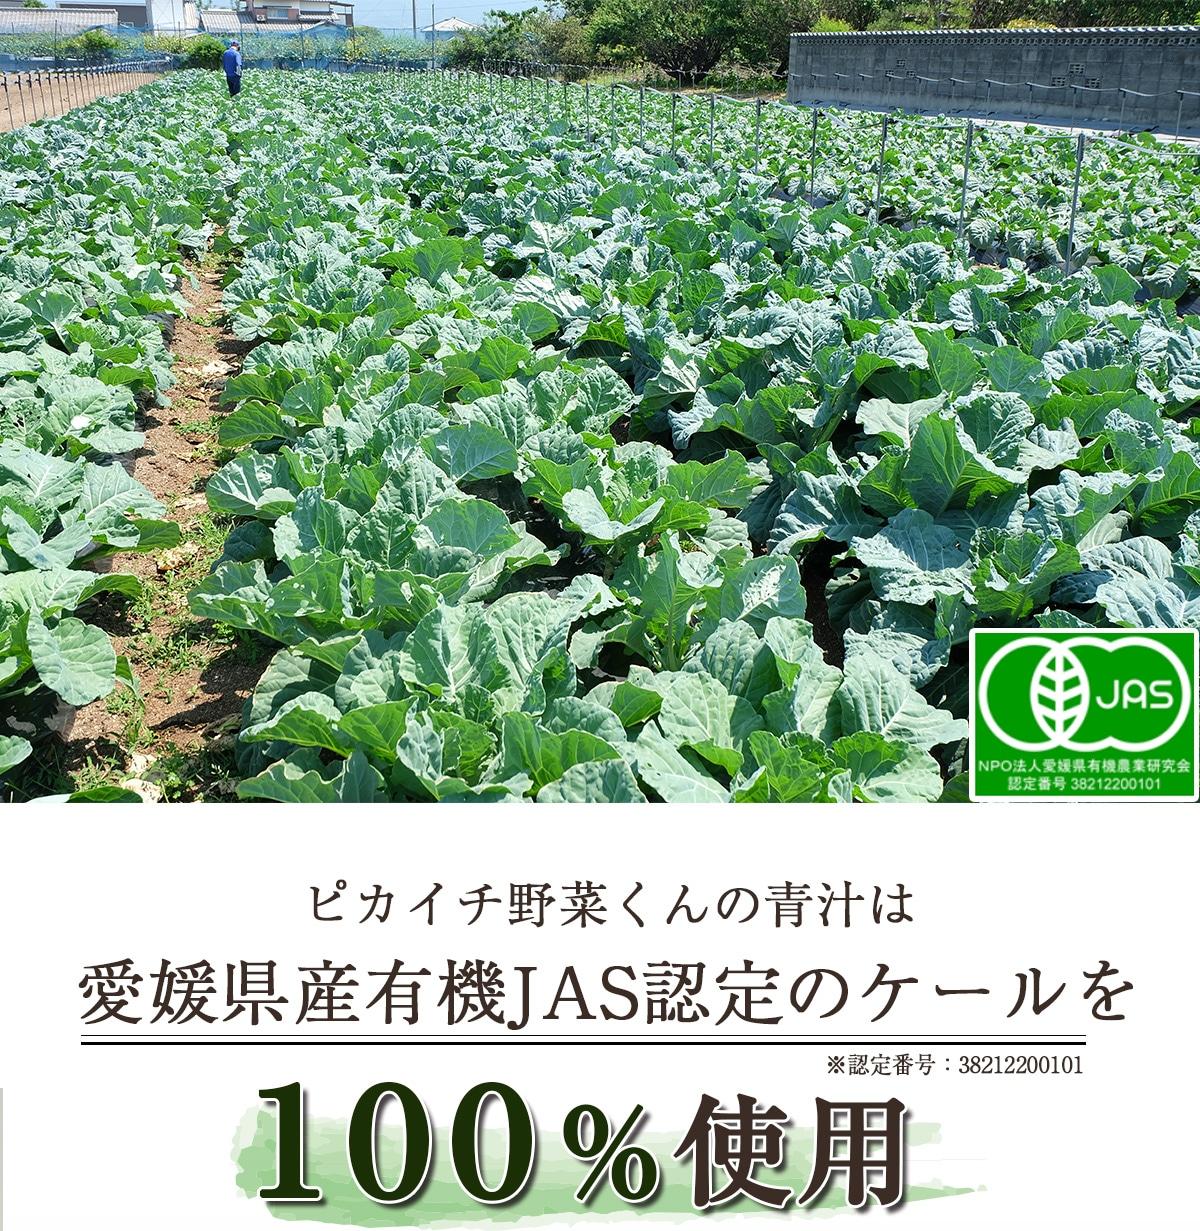 ピカイチ野菜くんの青汁は愛媛県産有機JAS認定ケールを100%使用